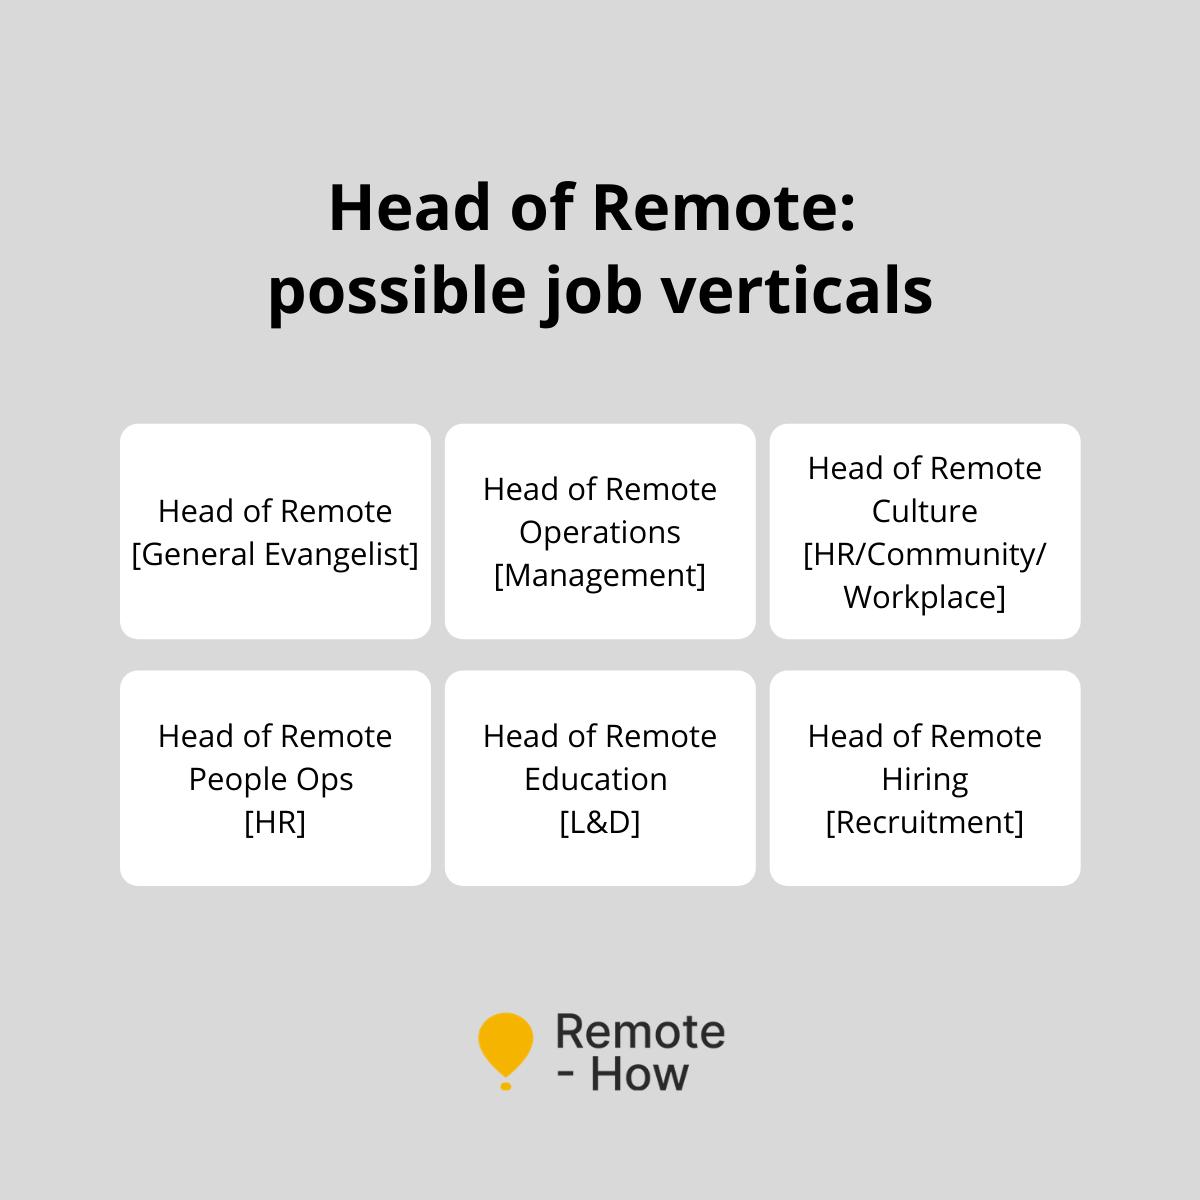 Head of Remote Verticals